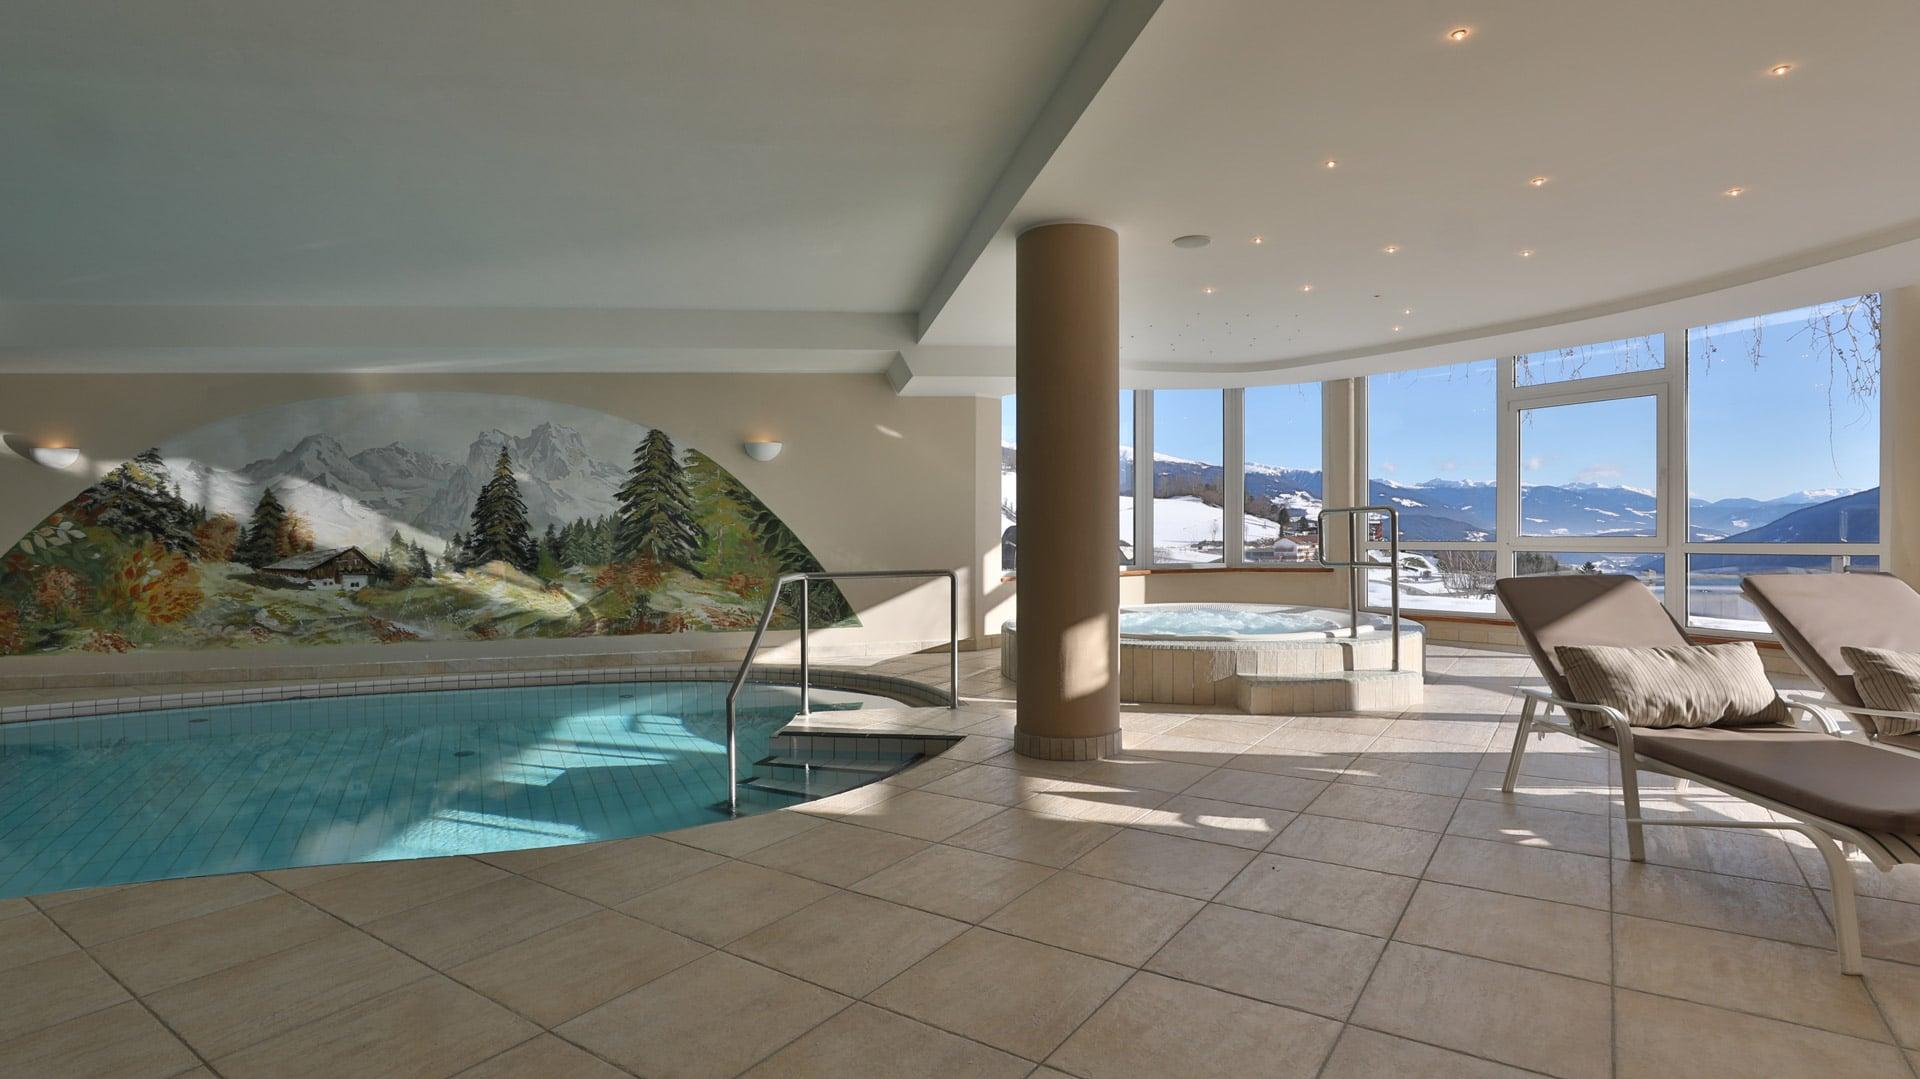 Sauna im Hotel der Berge in Südtirol